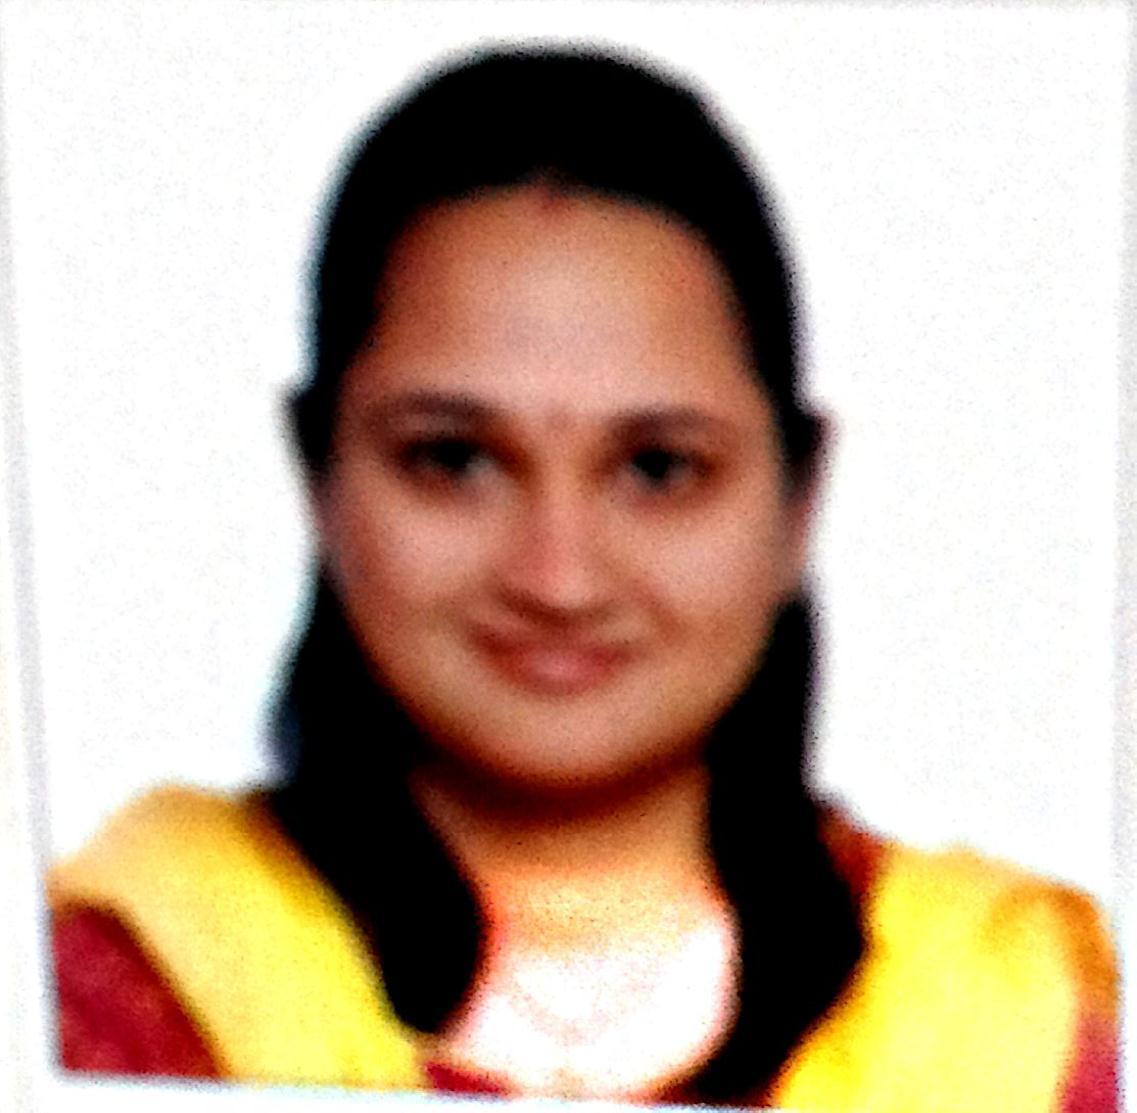 Ms. Nibha M. Desai